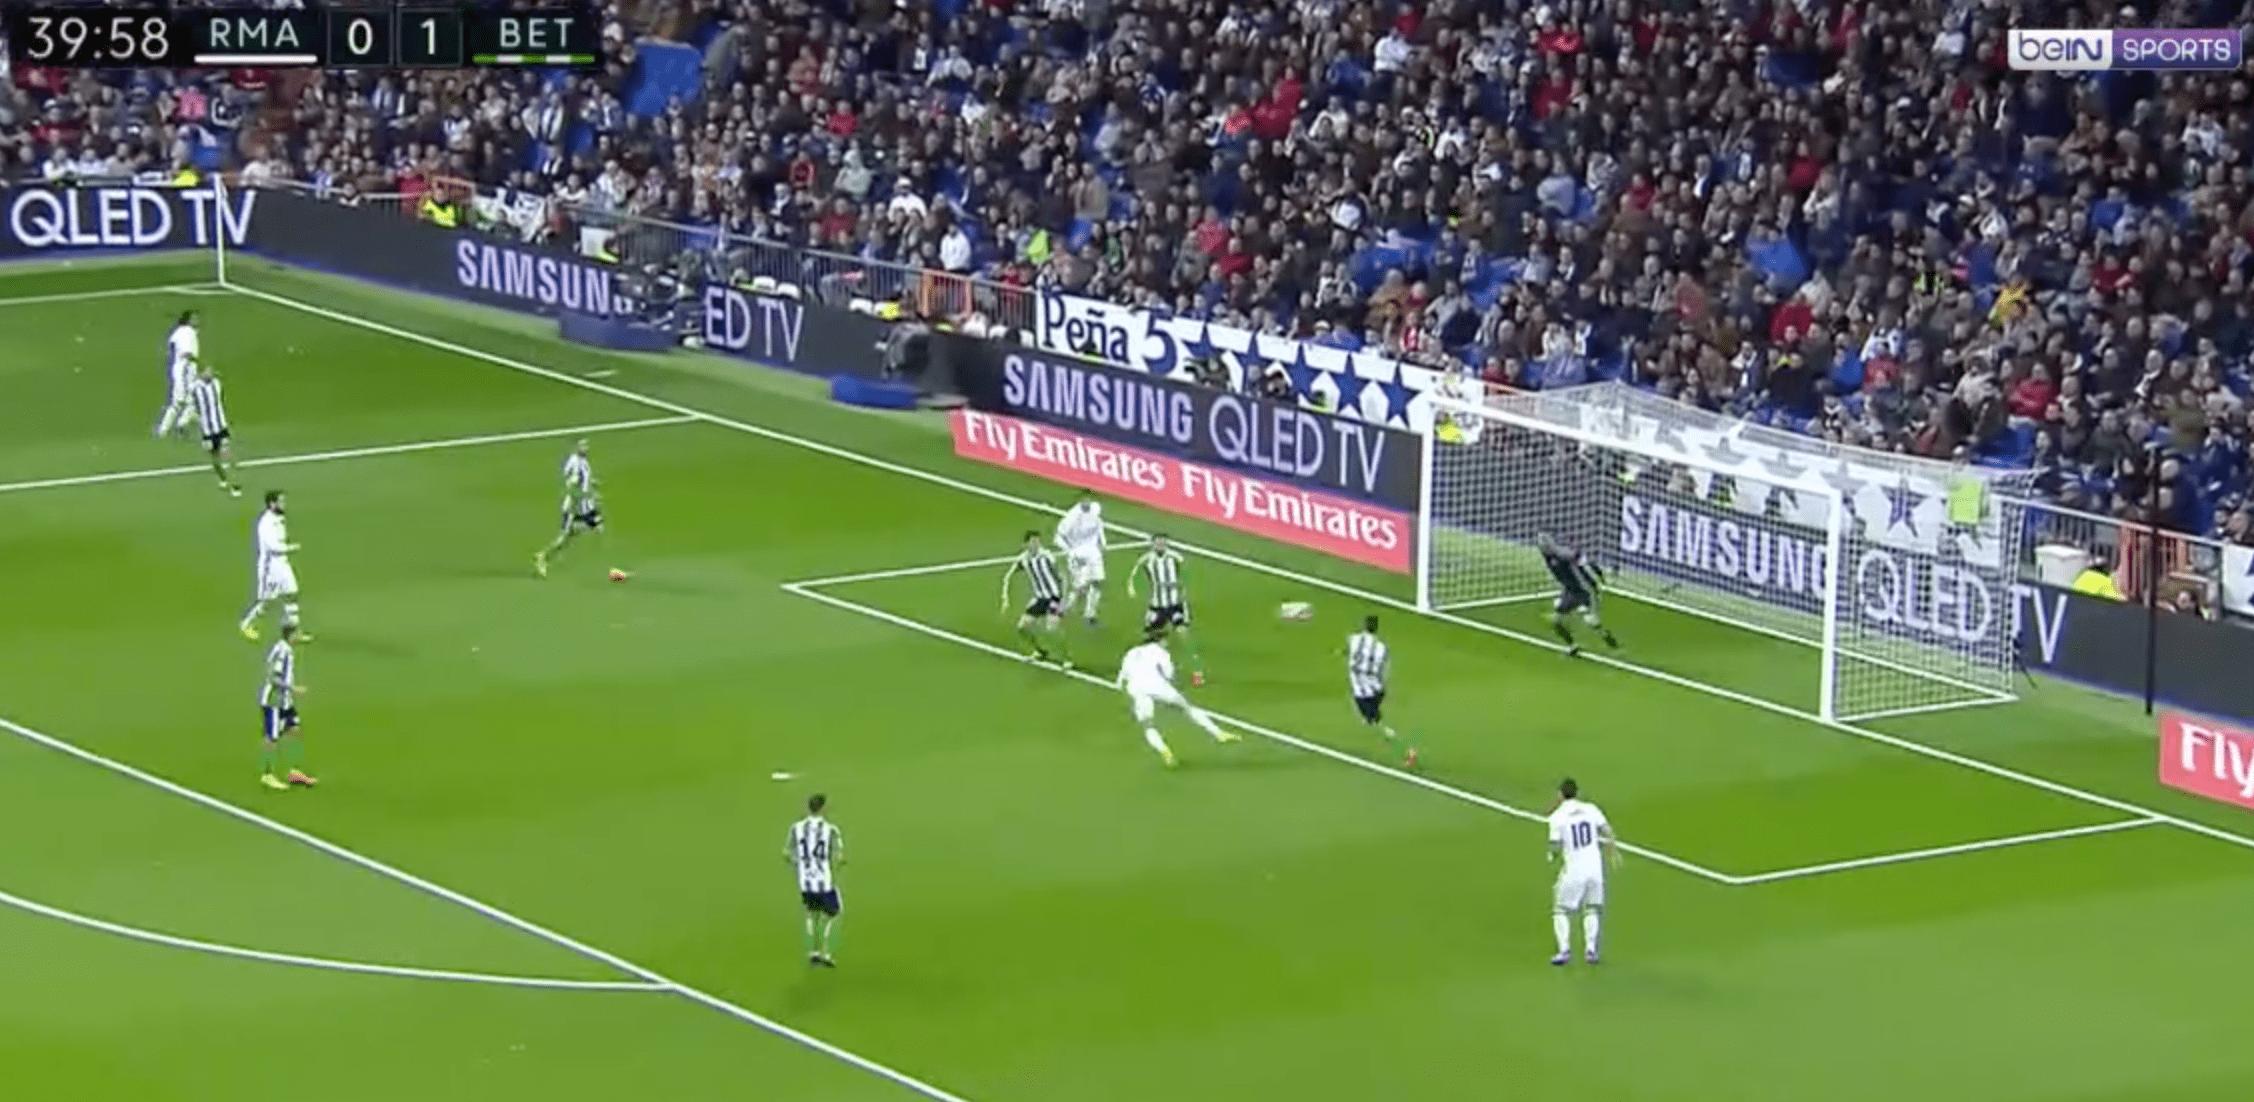 Cristiano Ronaldo rejoint Jimmy Greaves en tant que meilleur scoreur européen de l'histoire